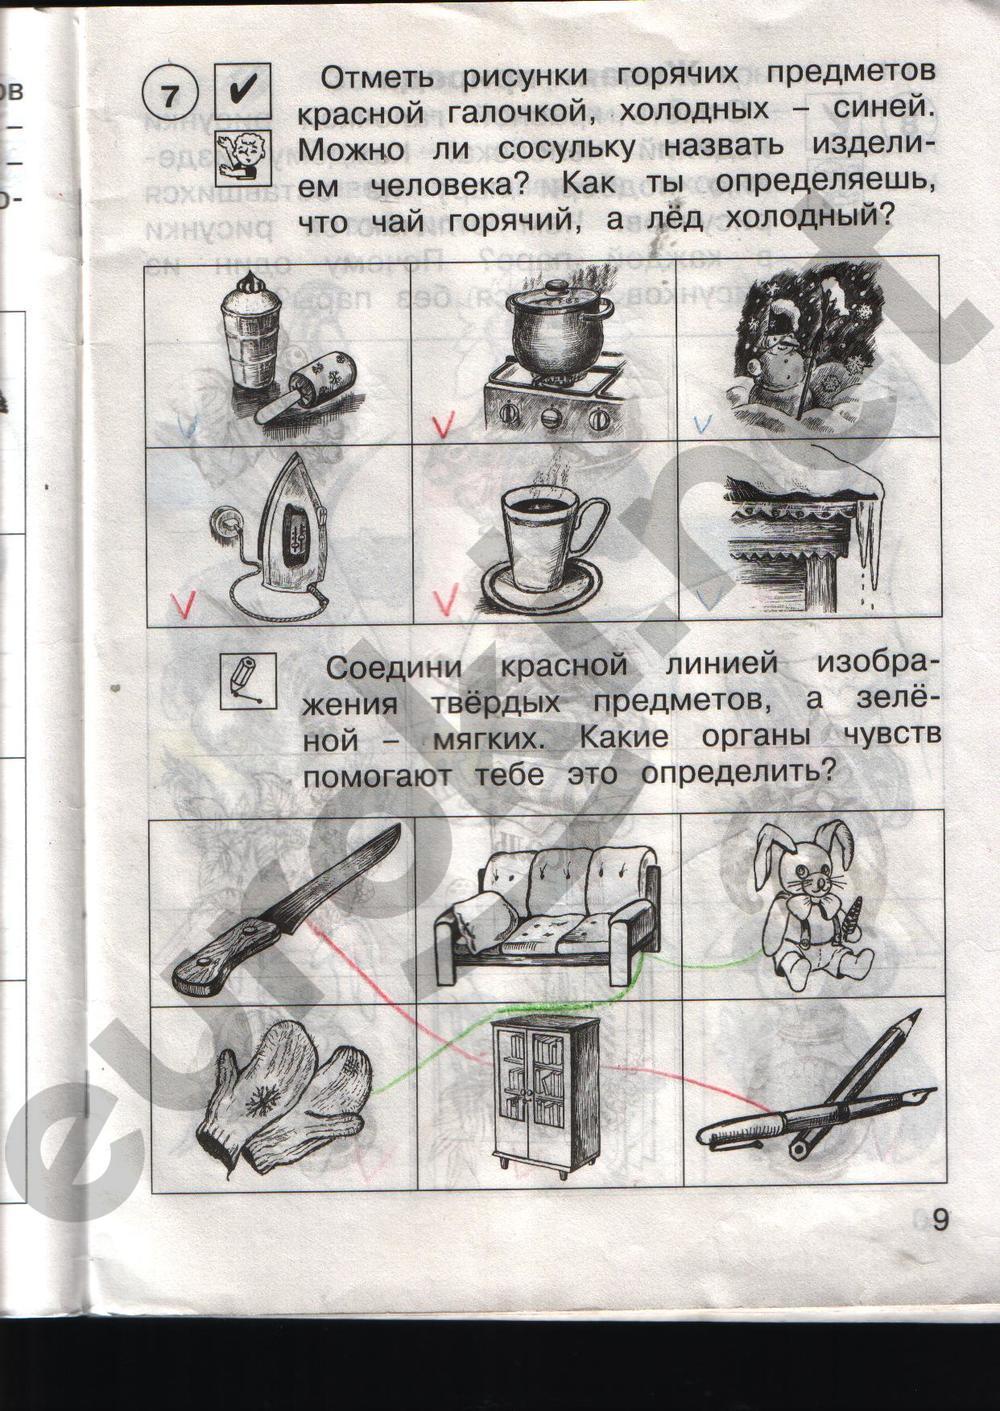 Гдз 1 Класс По Окружающему Миру Федотова Трофимова Трофимов